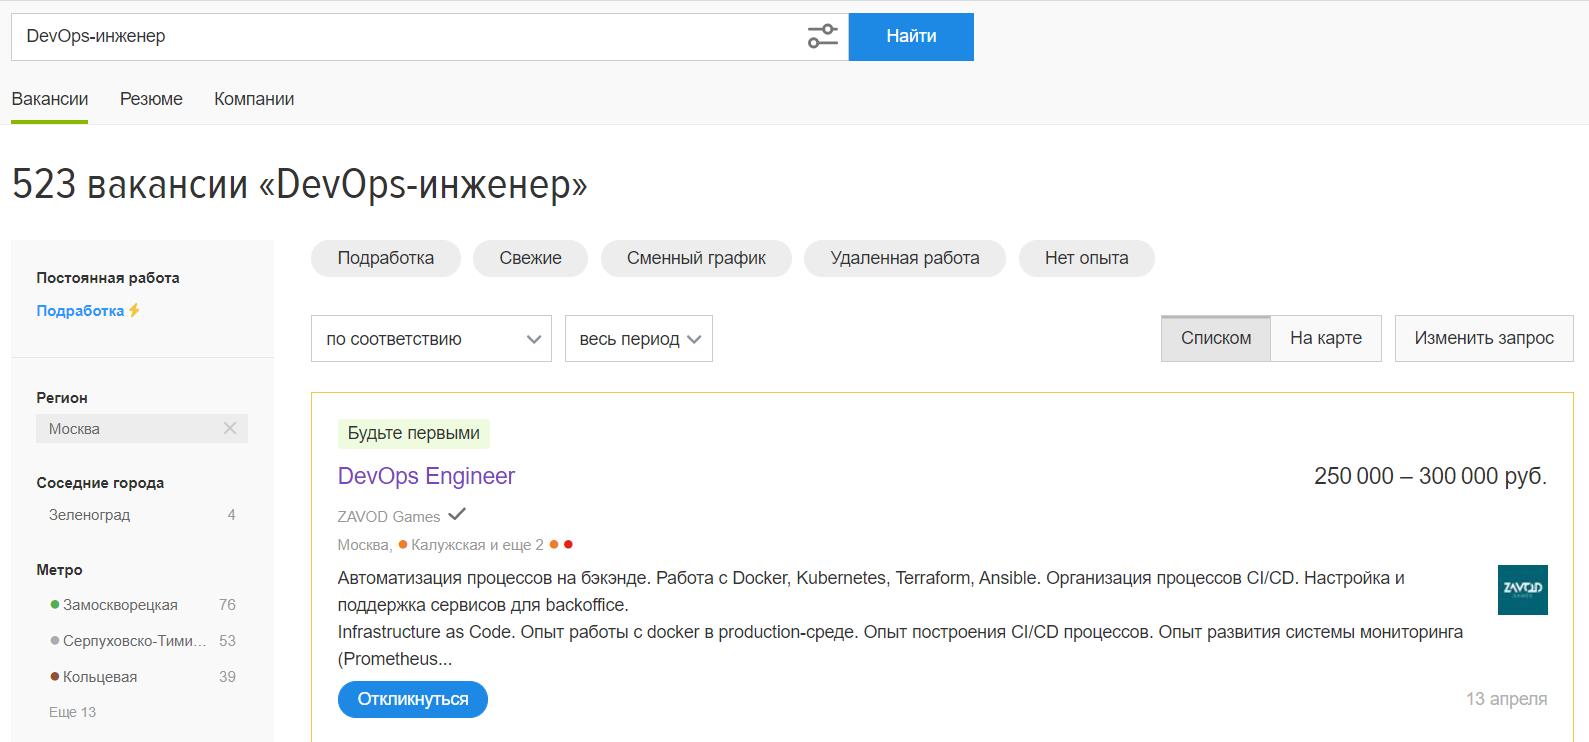 Вакансий на hh.ru хватает, потому что таких специалистов немного. И их чаще ищут в штат, чем на фриланс